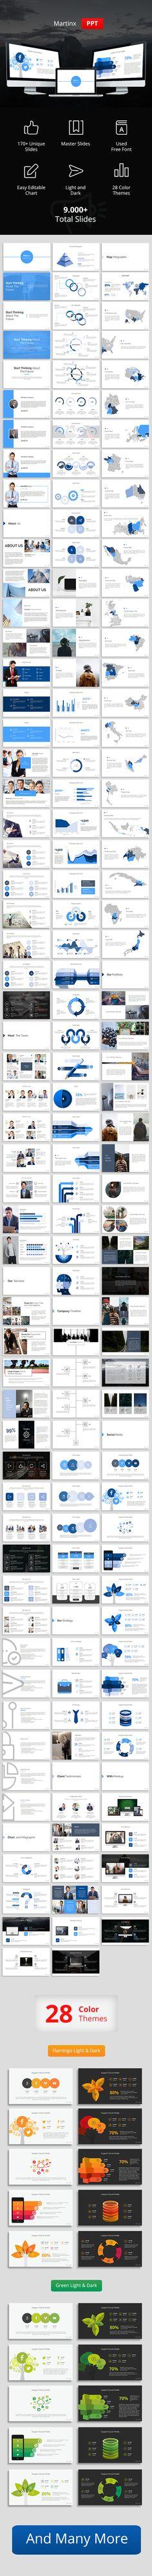 Martinx PowerPoint Template. Download: https://graphicriver.net/item/martinx-powerpoint-template/18599879?ref=thanhdesign